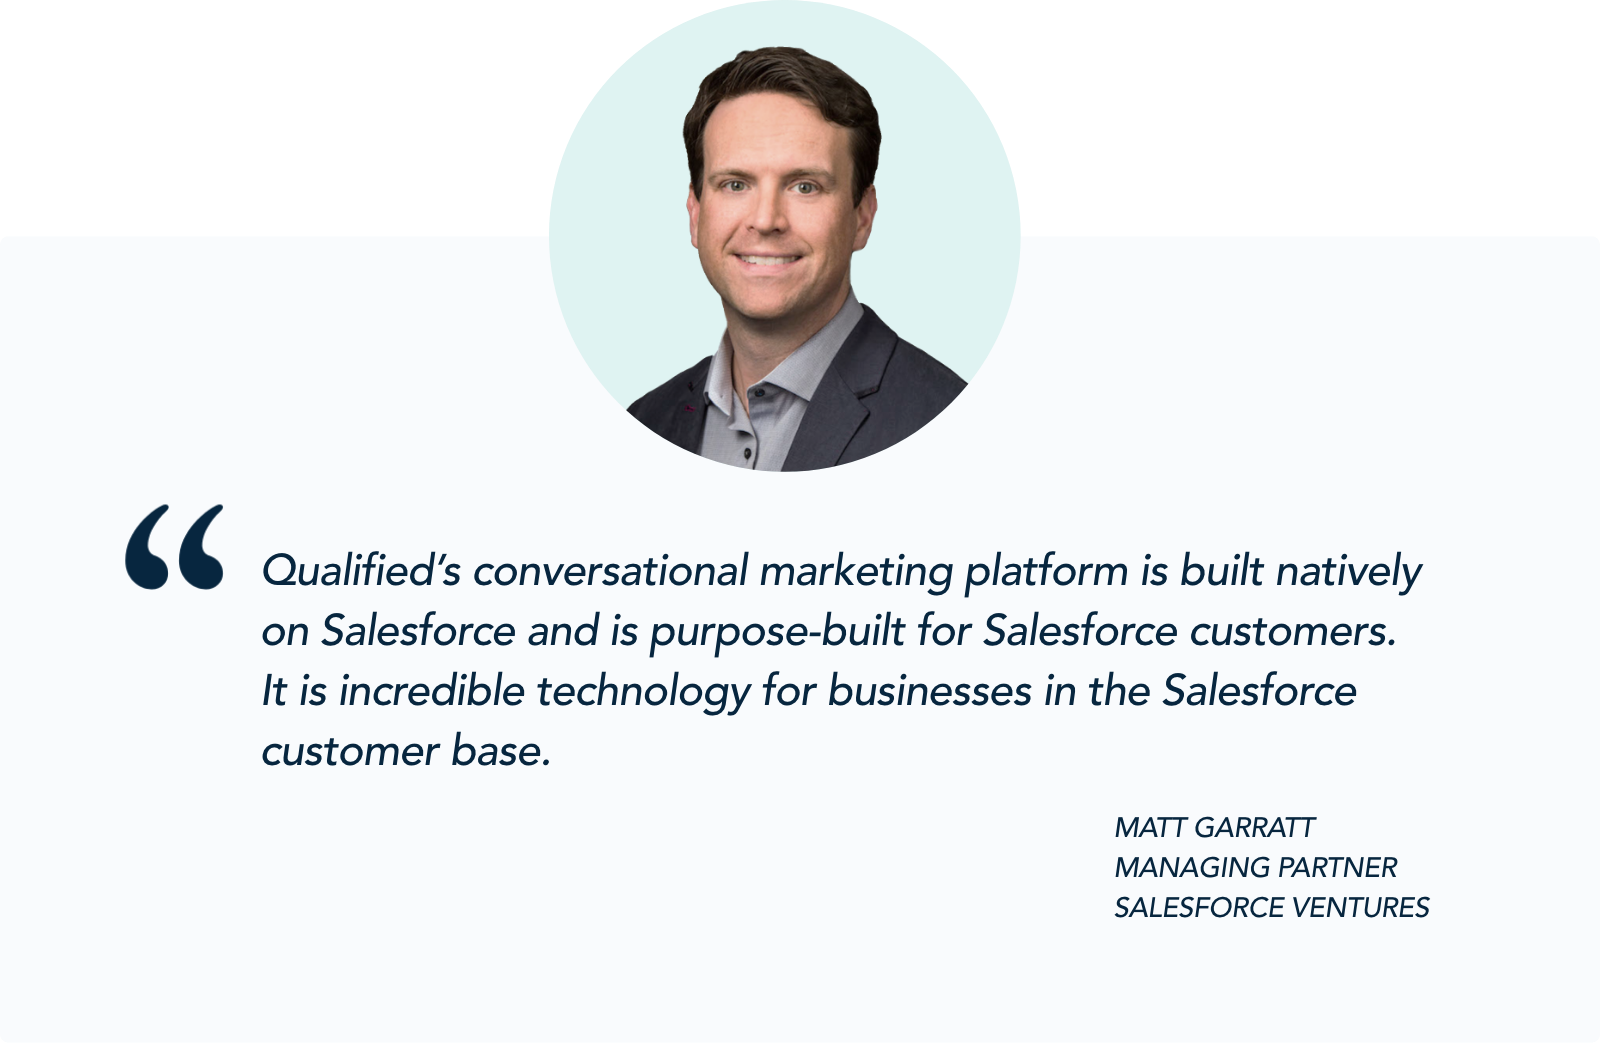 Matt Garratt, Managing Partner, Salesforce Ventures